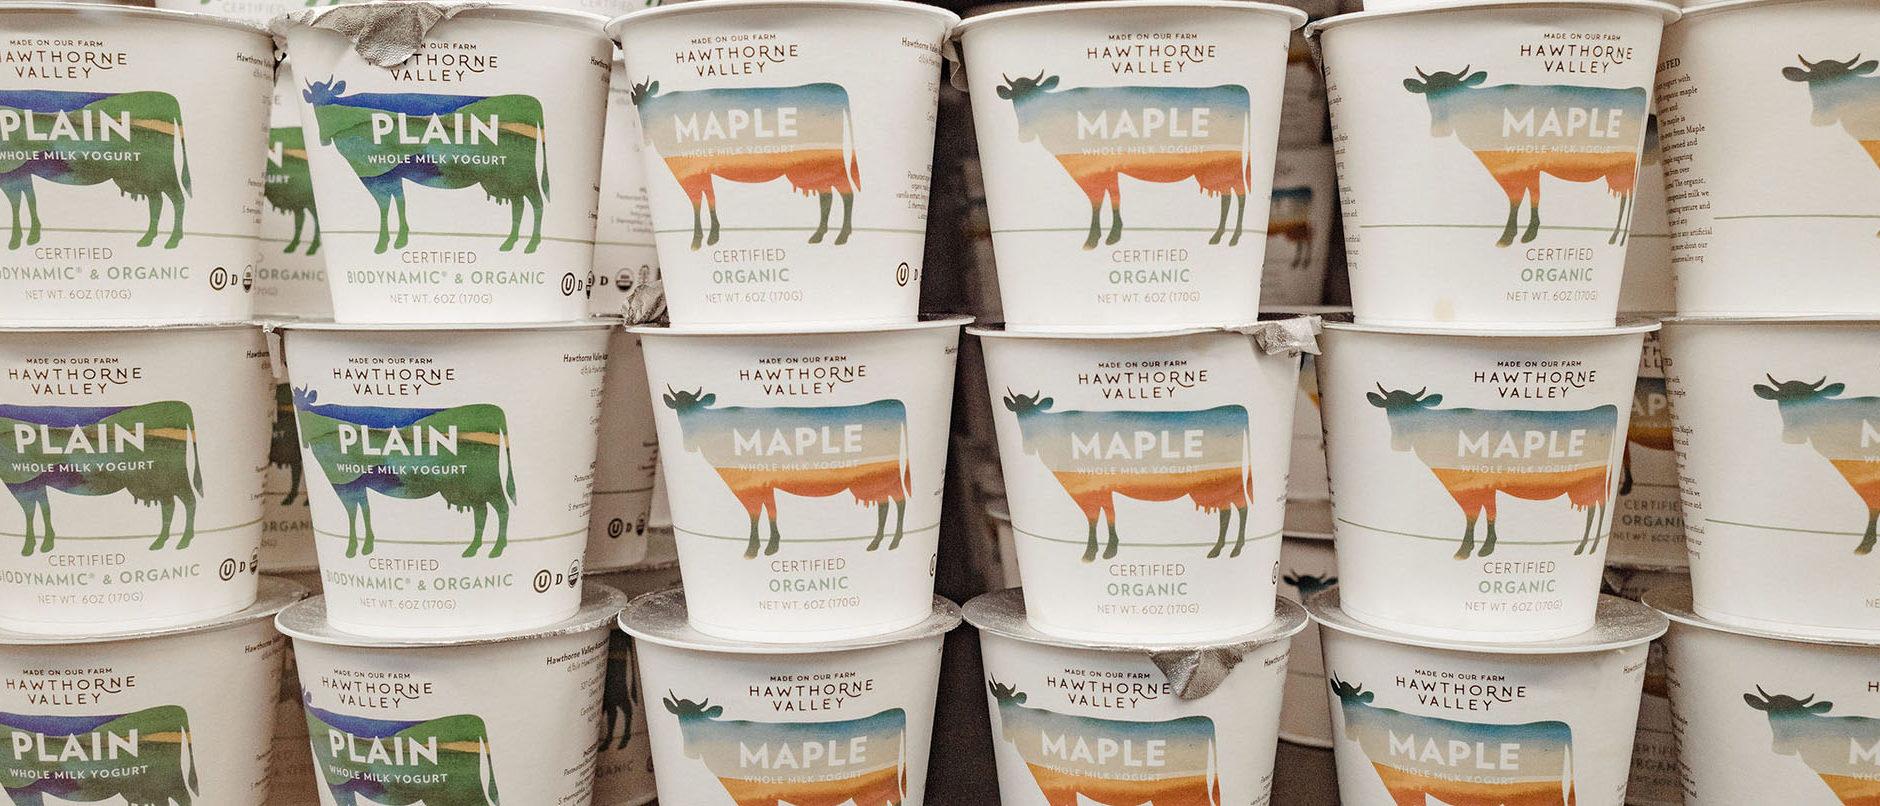 Hawthorne Valley Farm yogurt